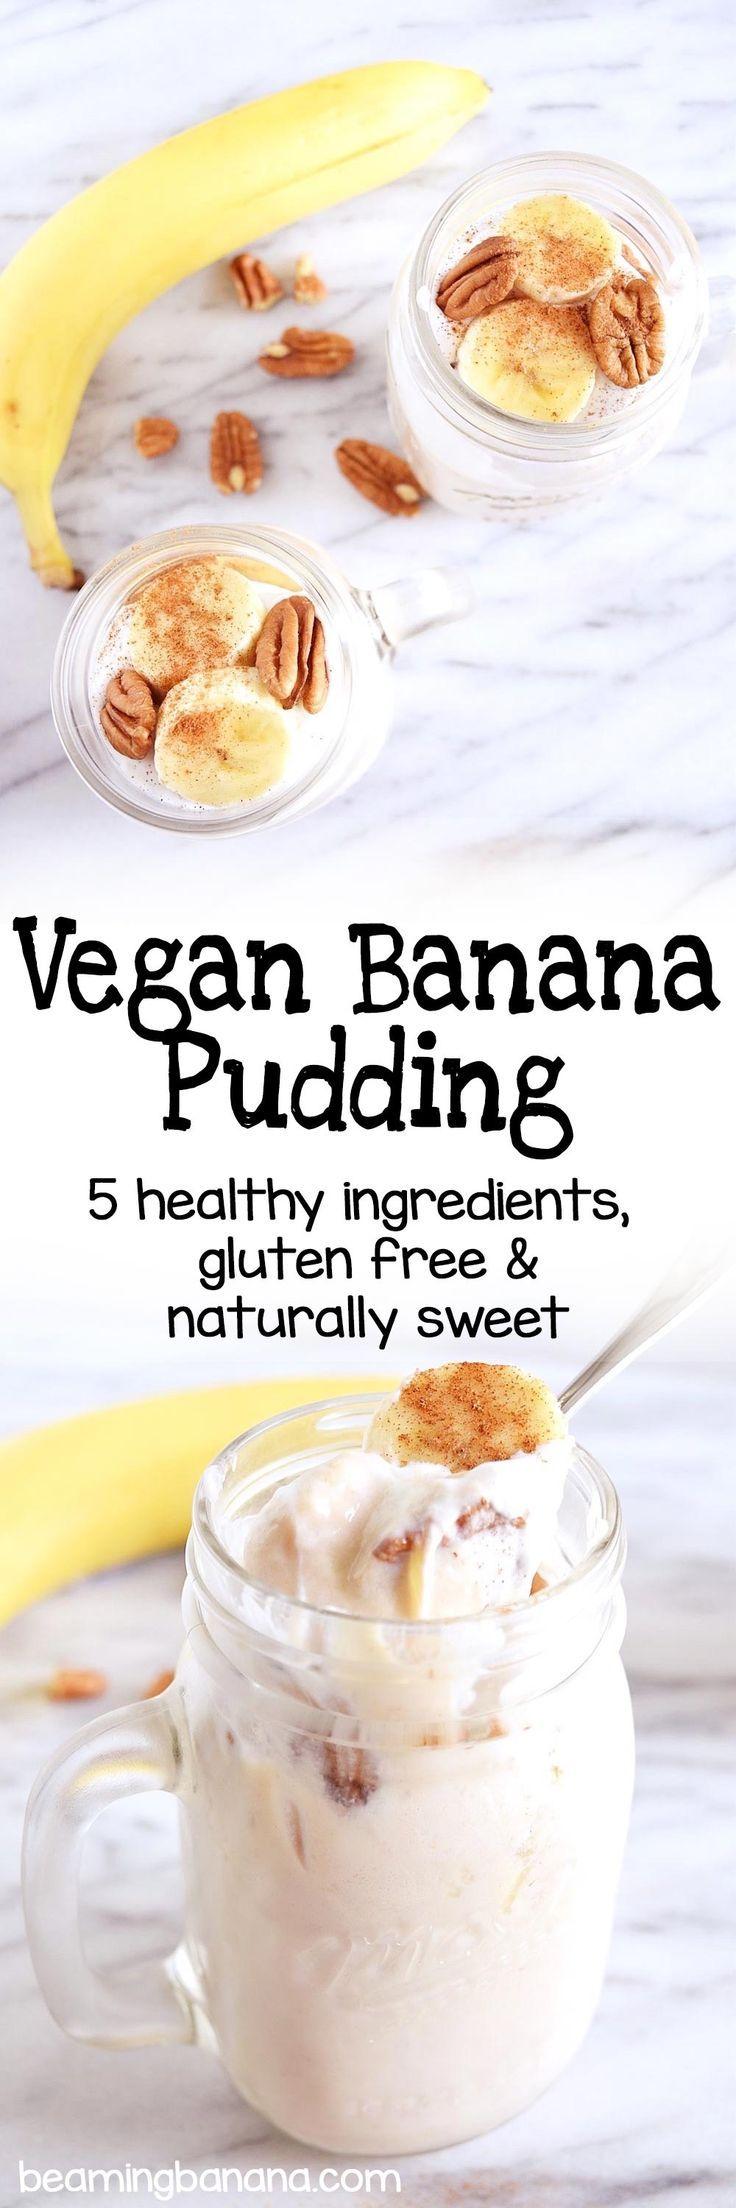 Vegan Banana Pudding Recipe Easy Dessert Recipes